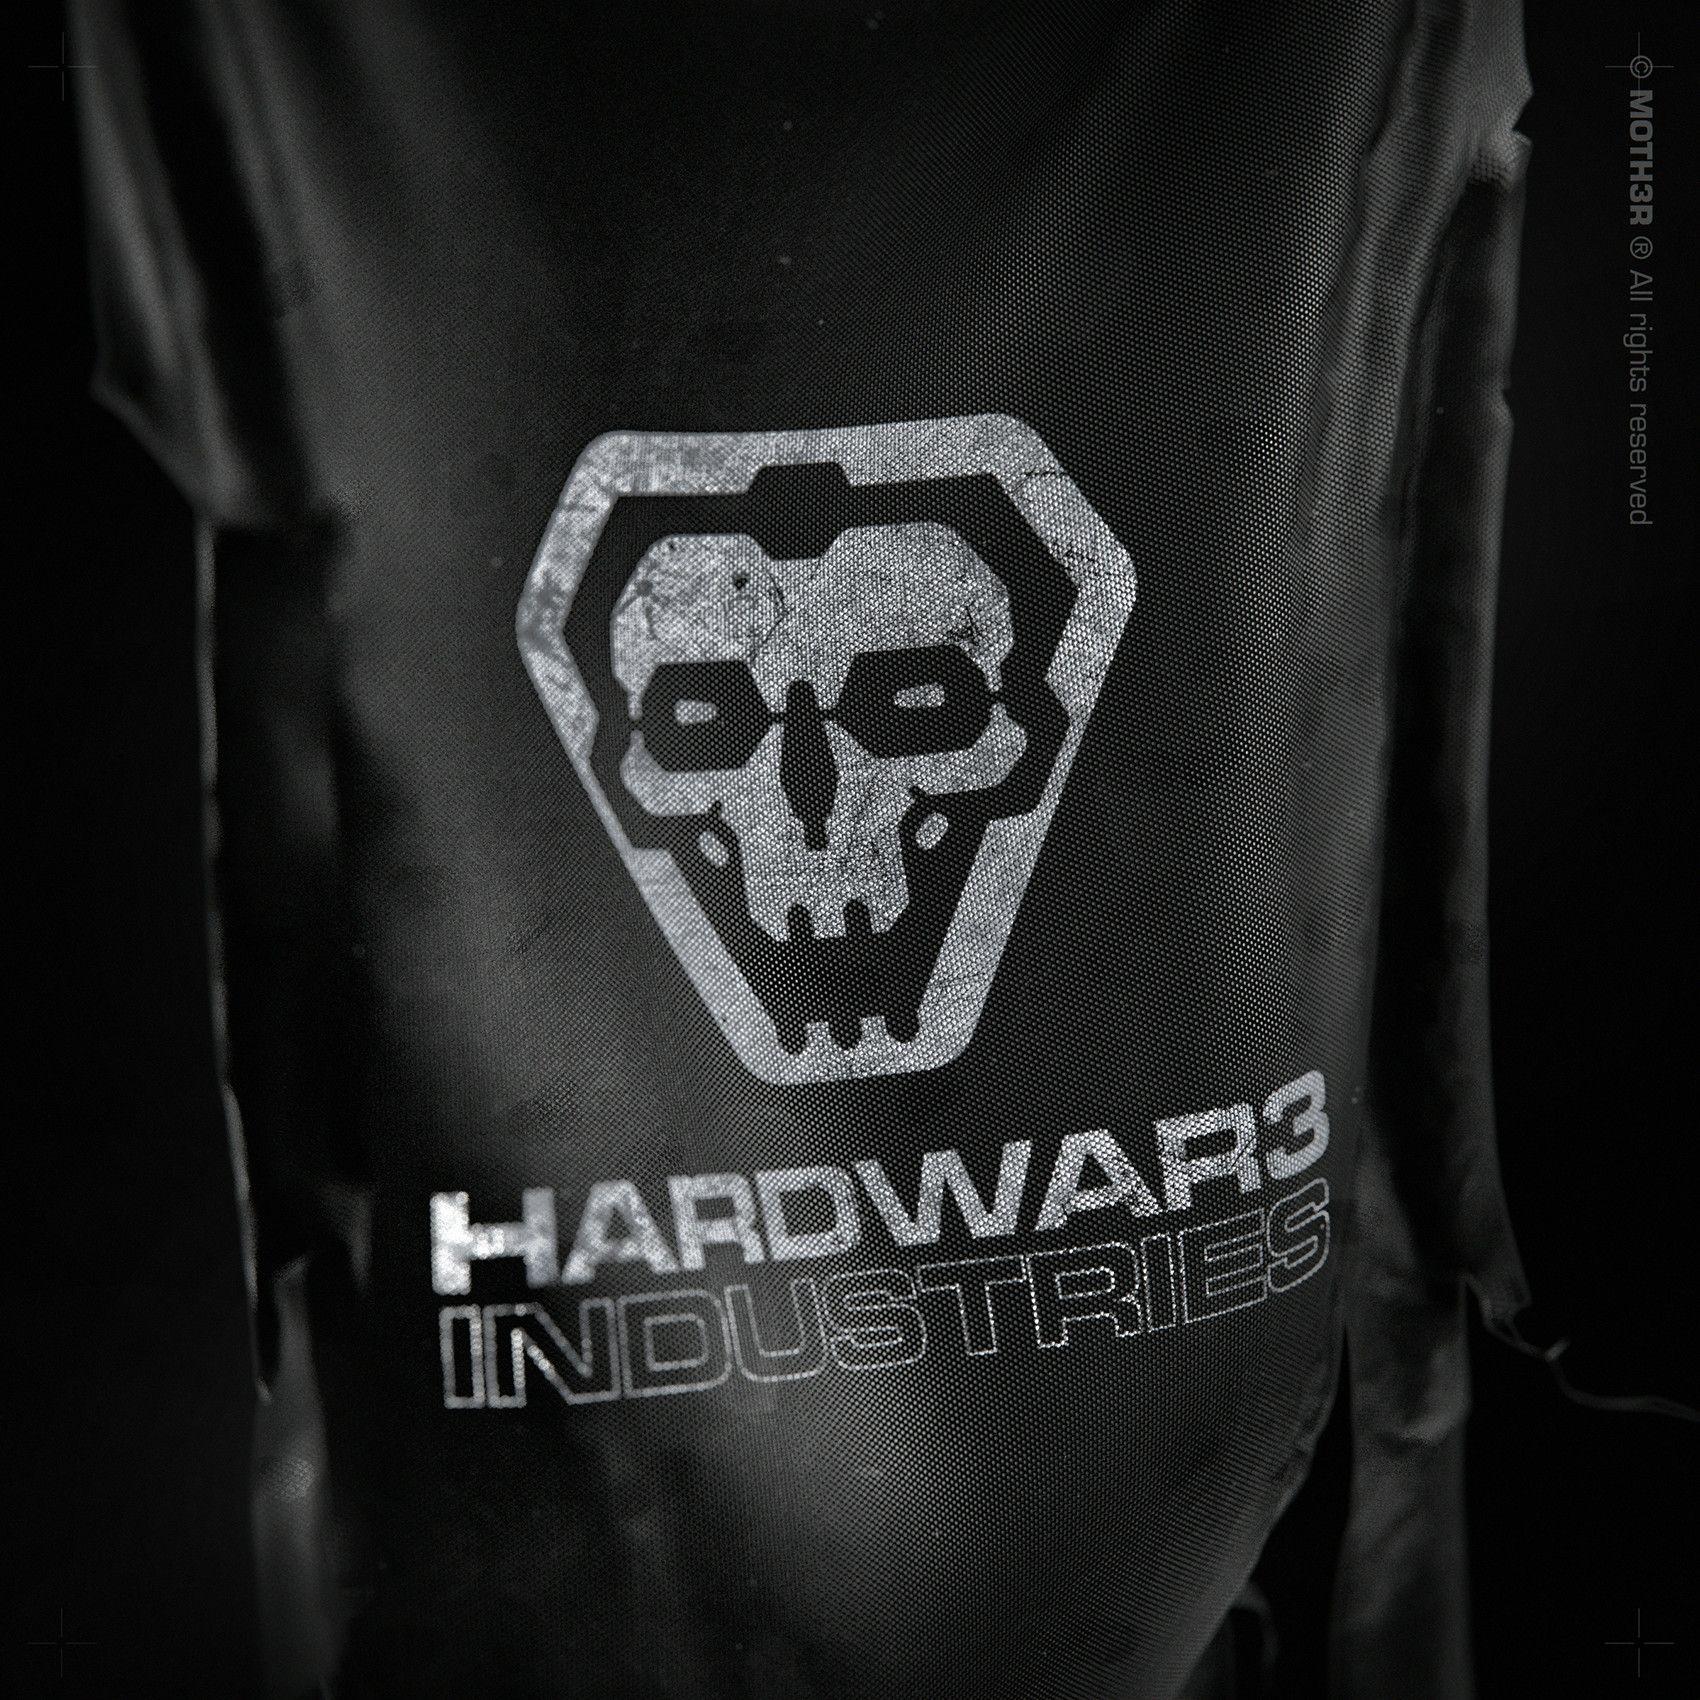 11+ Hardwar3 industries info